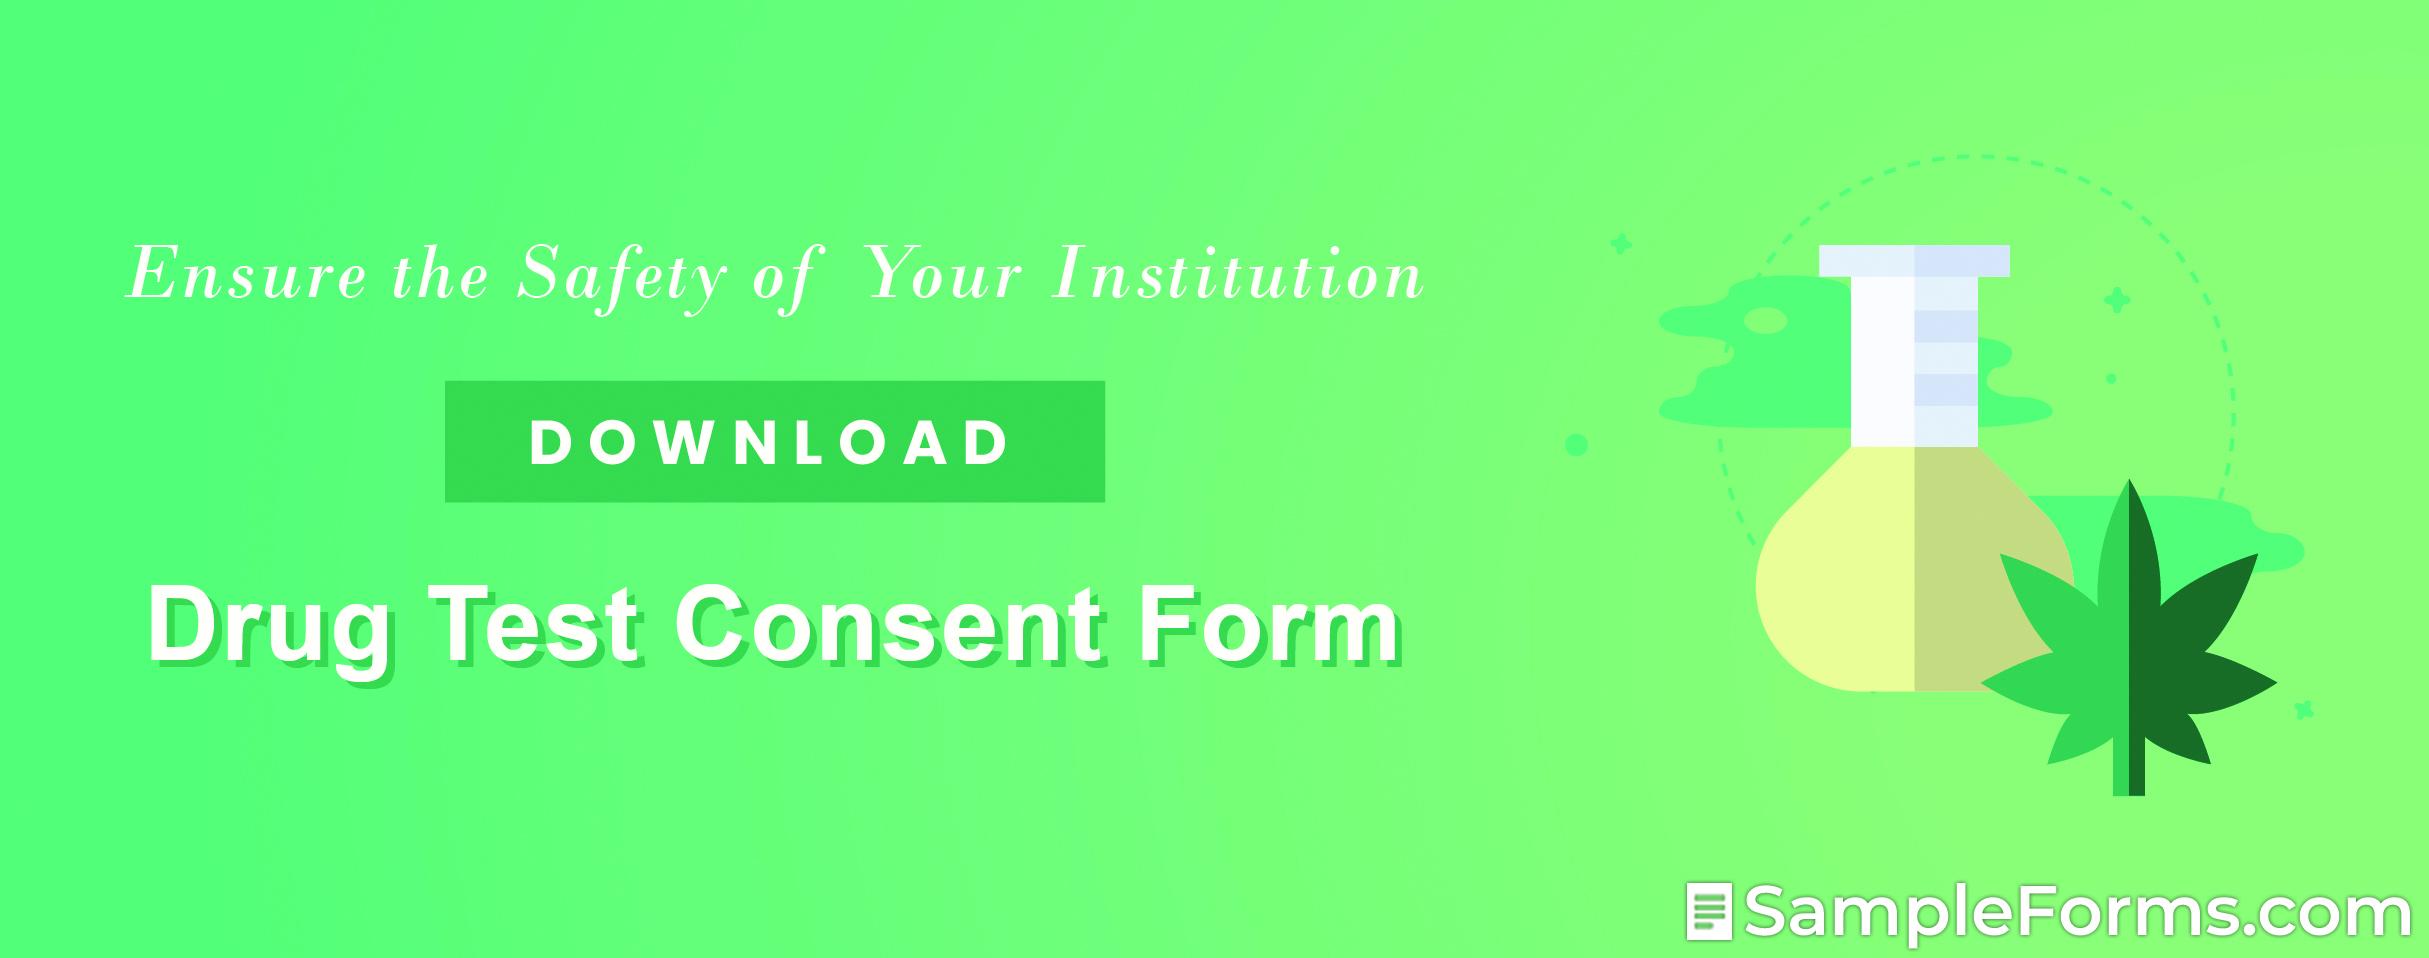 Drug Test Consent Form1